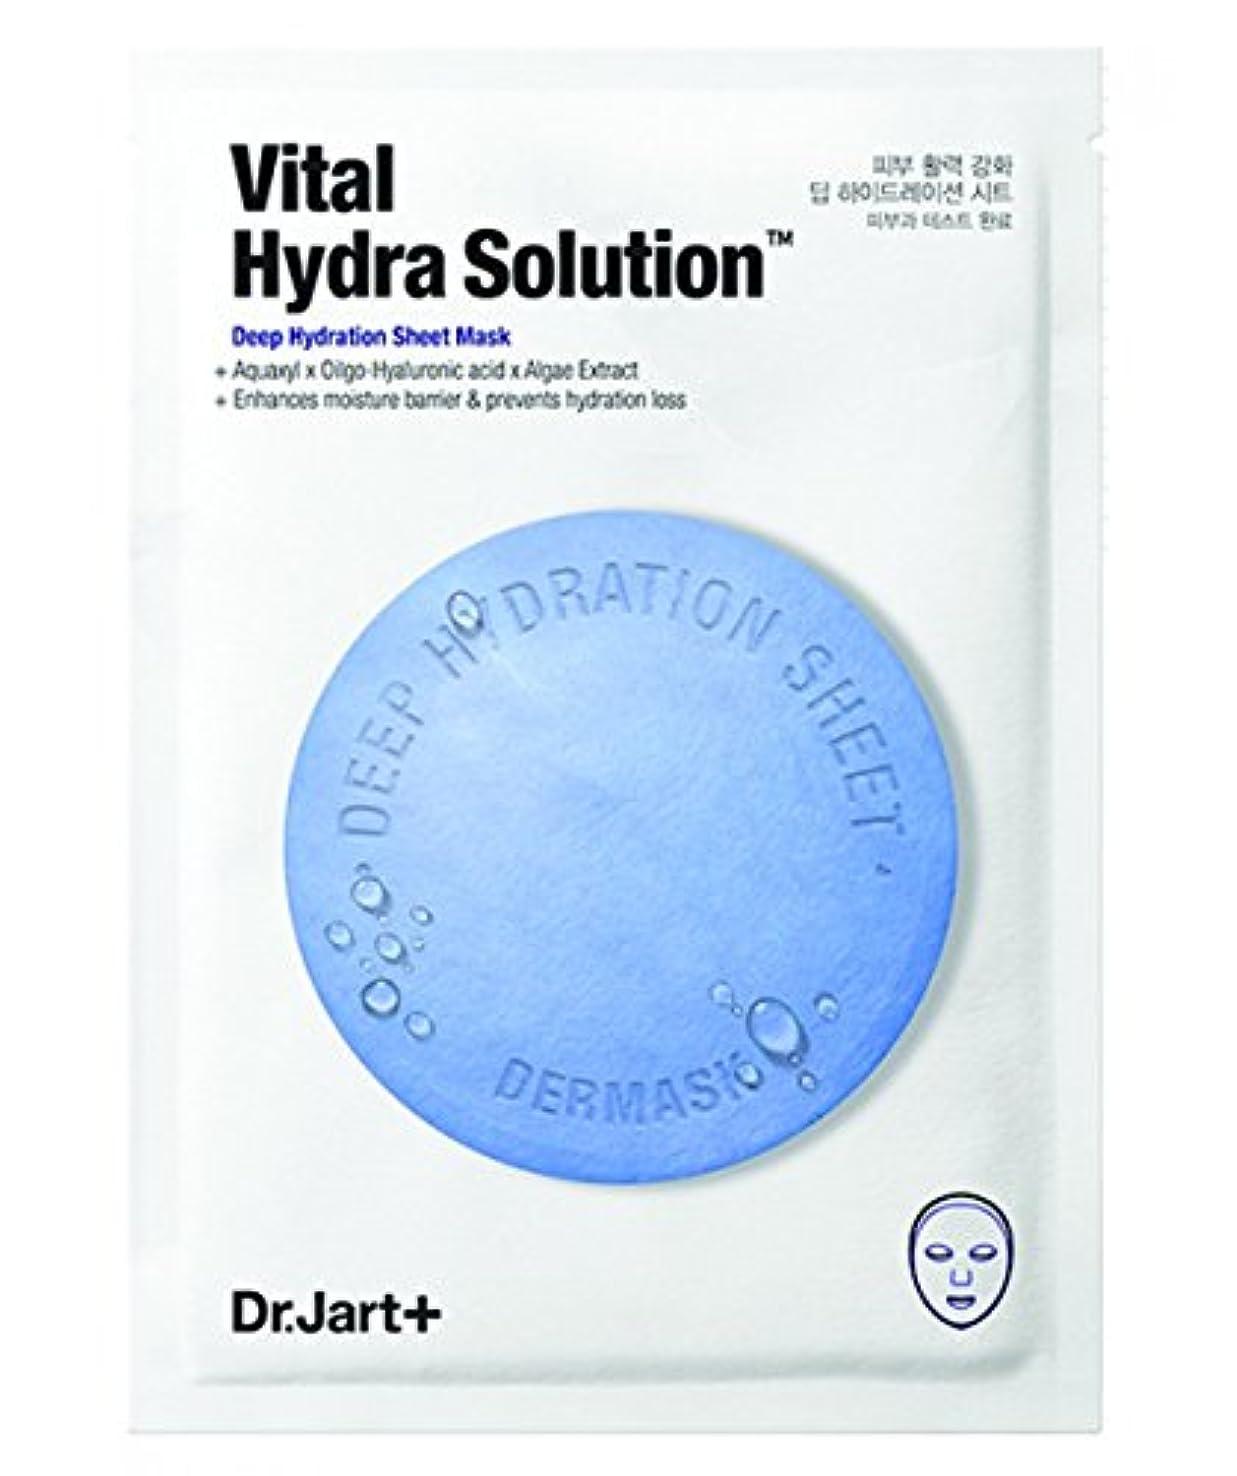 不一致高度実験Dr.Jart+ Dermask Vital Hydra Solution Deep Hydration Sheet Mask (25g × 5ea)/ドクタージャルト ダーマスク バイタル ハイドラ ソリューション ディープ...